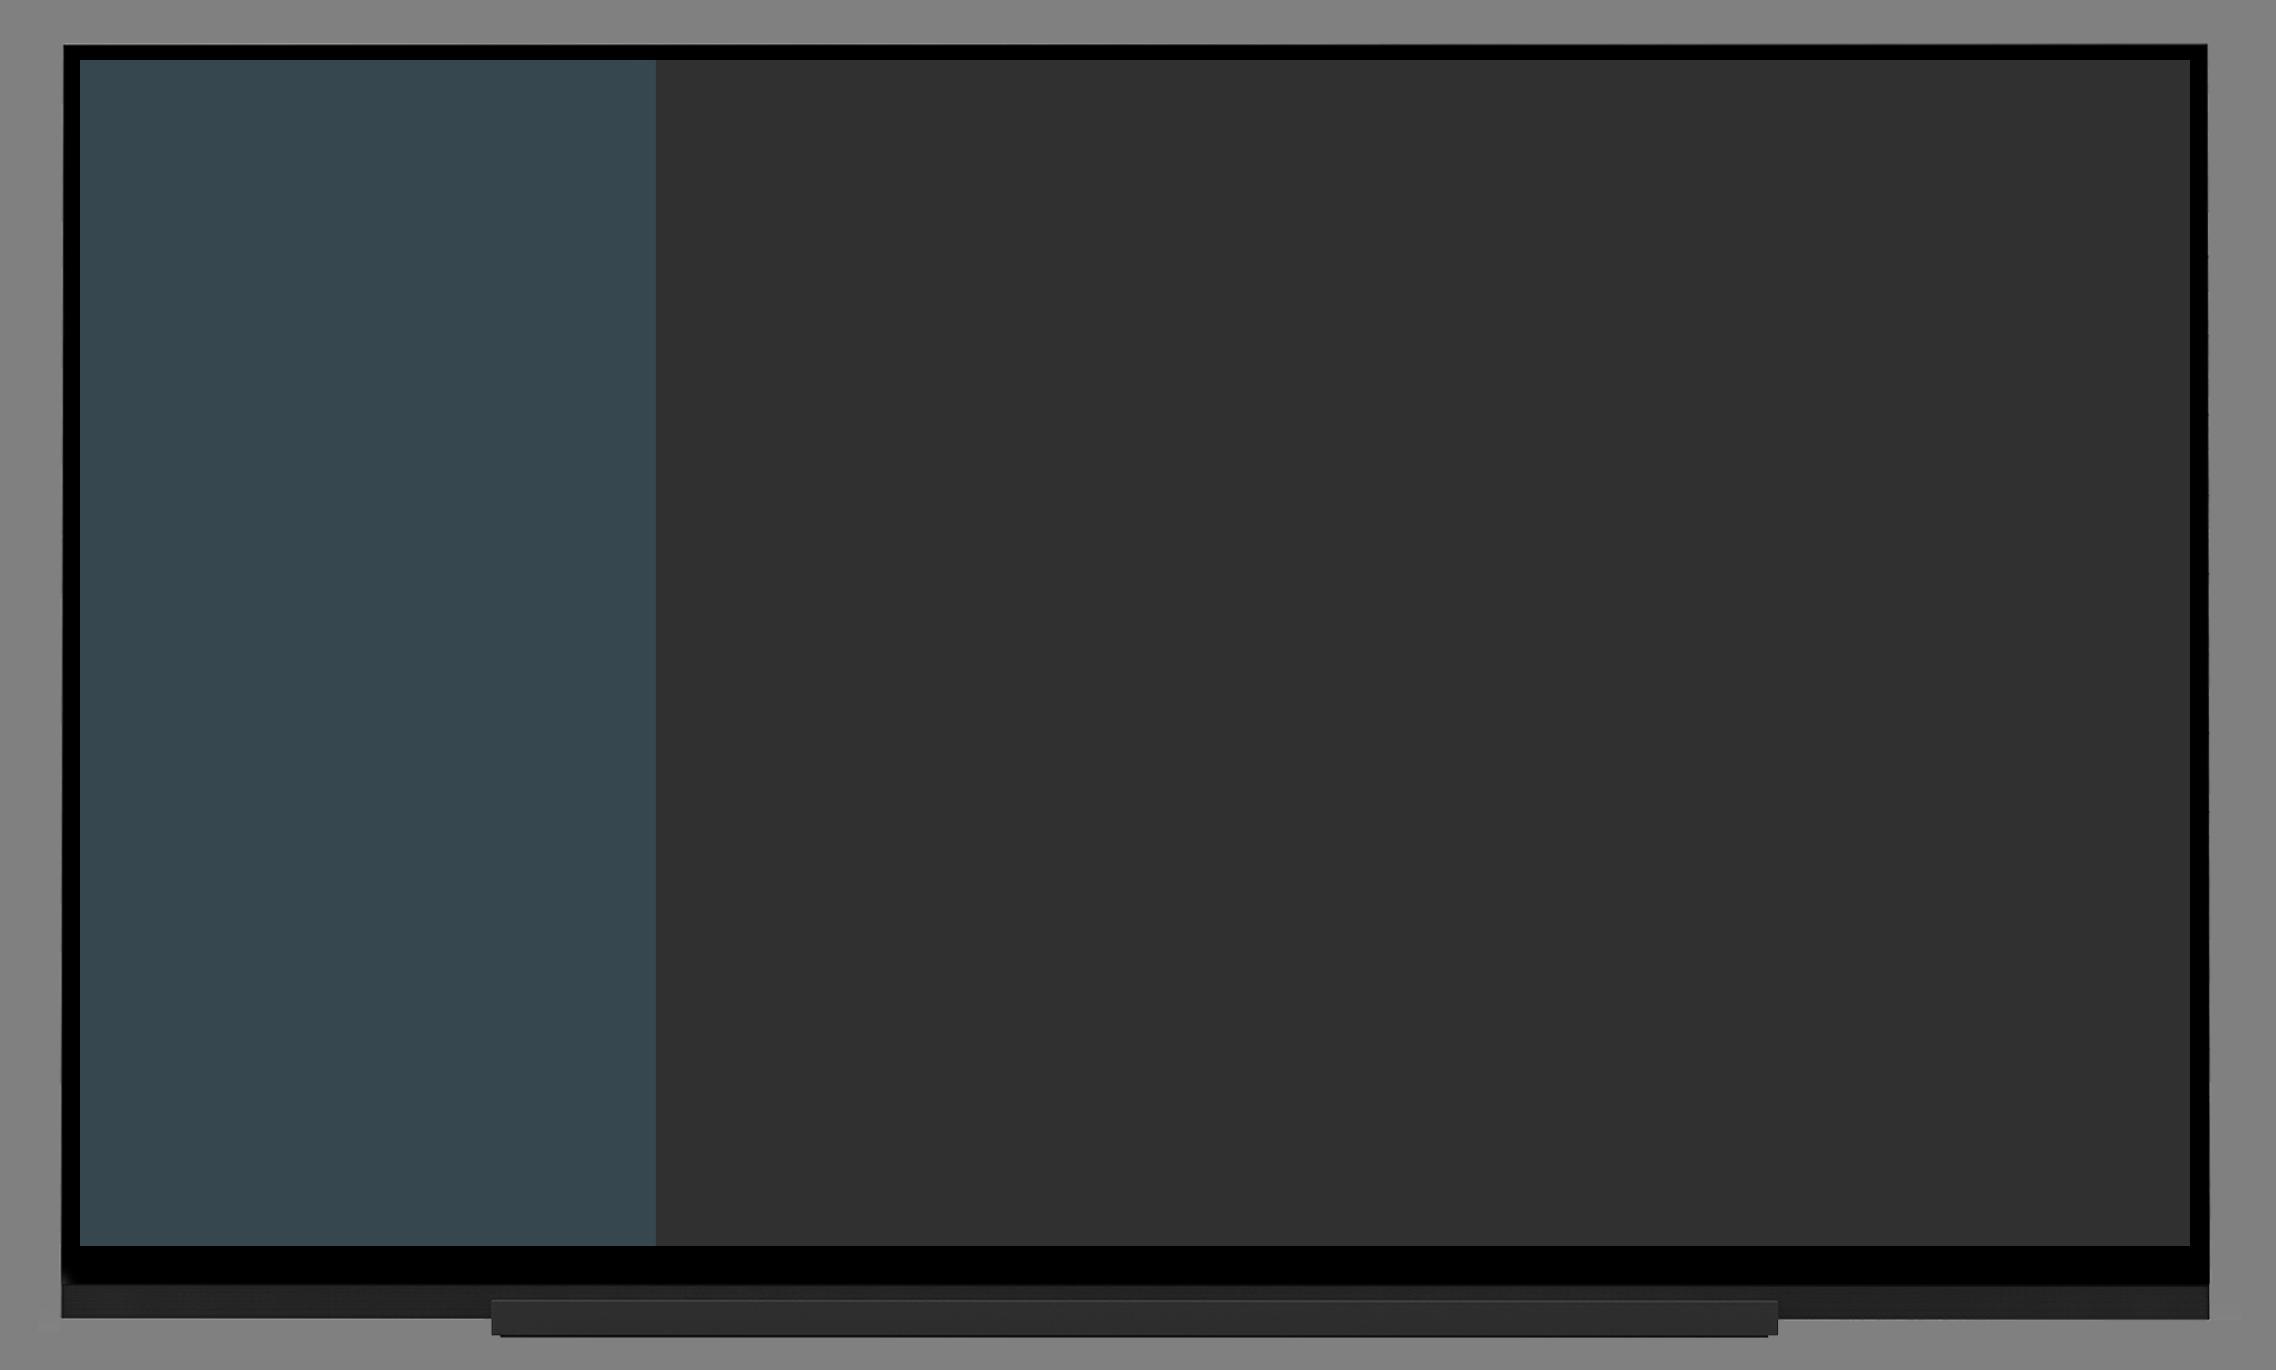 image.png (152.1 kB)